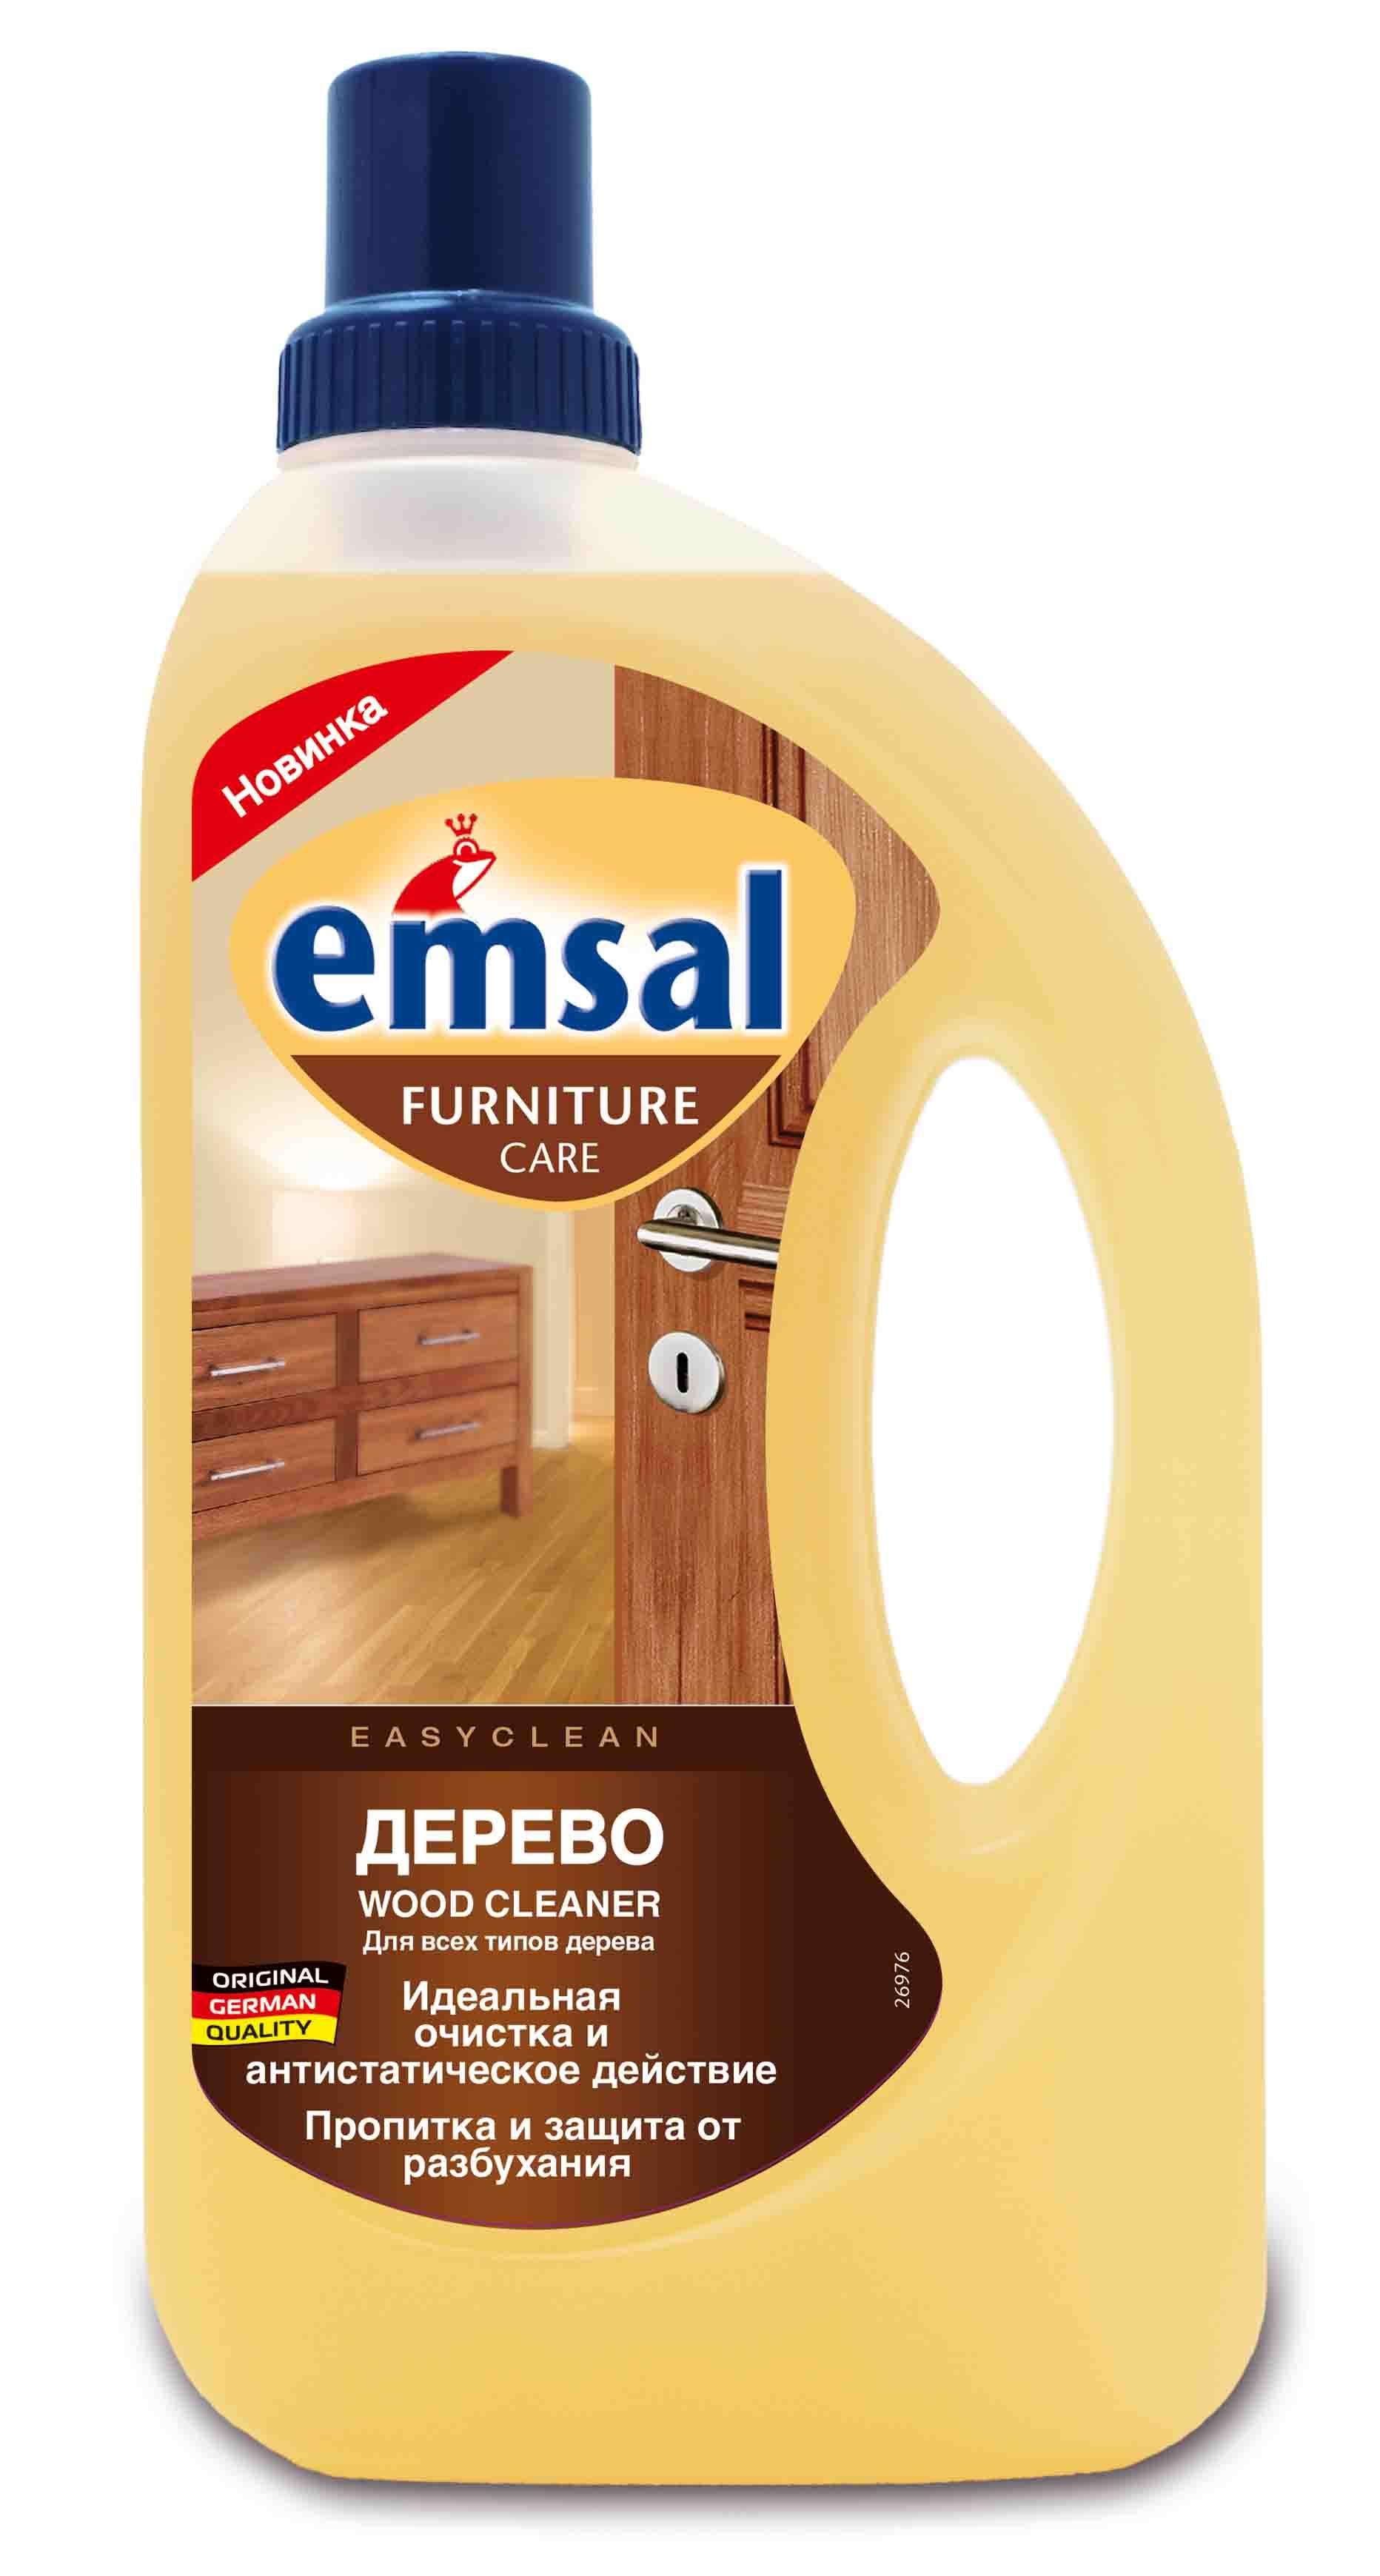 Средство для чистки деревянных поверхностей Emsal, 750 мл506948Чистящее средство Emsal идеально подходит для мягкого очищения и ухода за всеми моющимися деревянными поверхностями во всем доме: деревянными полами, деревянными рейками, деревянными дверями, мебелью, подоконниками, а также кухонными элементами. Подходит как для светлой, так и для темной древесины Уникальная рецептура с антистатической формулой не только удаляет трудновыводимую грязь и пятна,но и дольше оберегает вашу деревянную мебель от пыли. Благодаря льняному маслу, средство освежает цвет дерева, бережно ухаживает за ним, придает естественный блеск без наслоений. Характеристики:Объем: 750 мл. Производитель: Германия.Уважаемые клиенты!Обращаем ваше внимание на возможные изменения в дизайне упаковки. Качественные характеристики товара остаются неизменными. Поставка осуществляется в зависимости от наличия на складе.Как выбрать качественную бытовую химию, безопасную для природы и людей. Статья OZON Гид